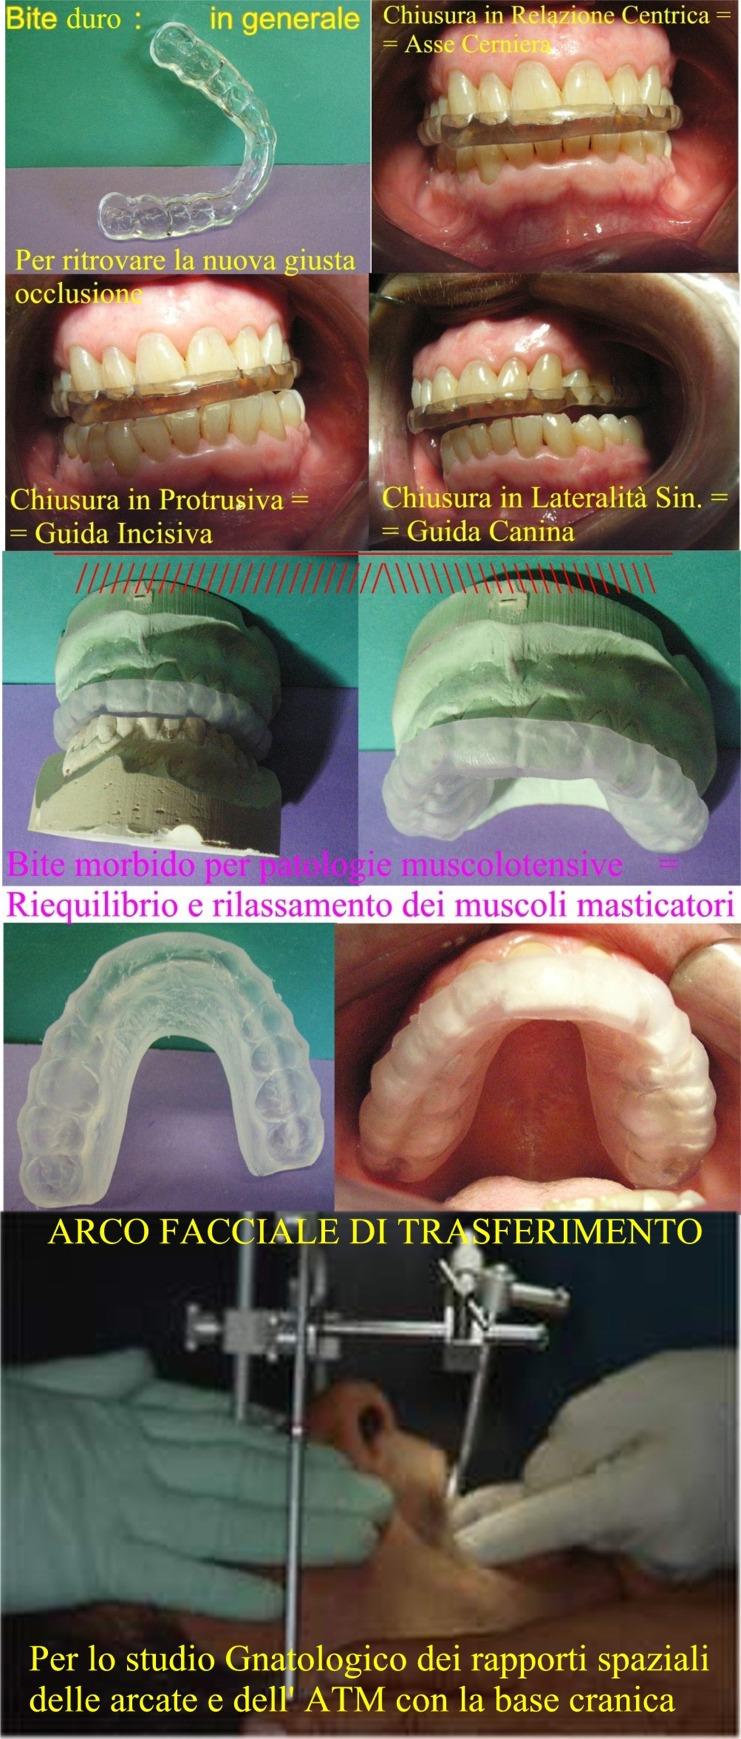 Diverse tipologie di Bite ed Arco Facciale di trasferimento per analisi Gnatologia. Da casistica del Dr. Gustavo Petti Parodontologo Gnatologo di Cagliari